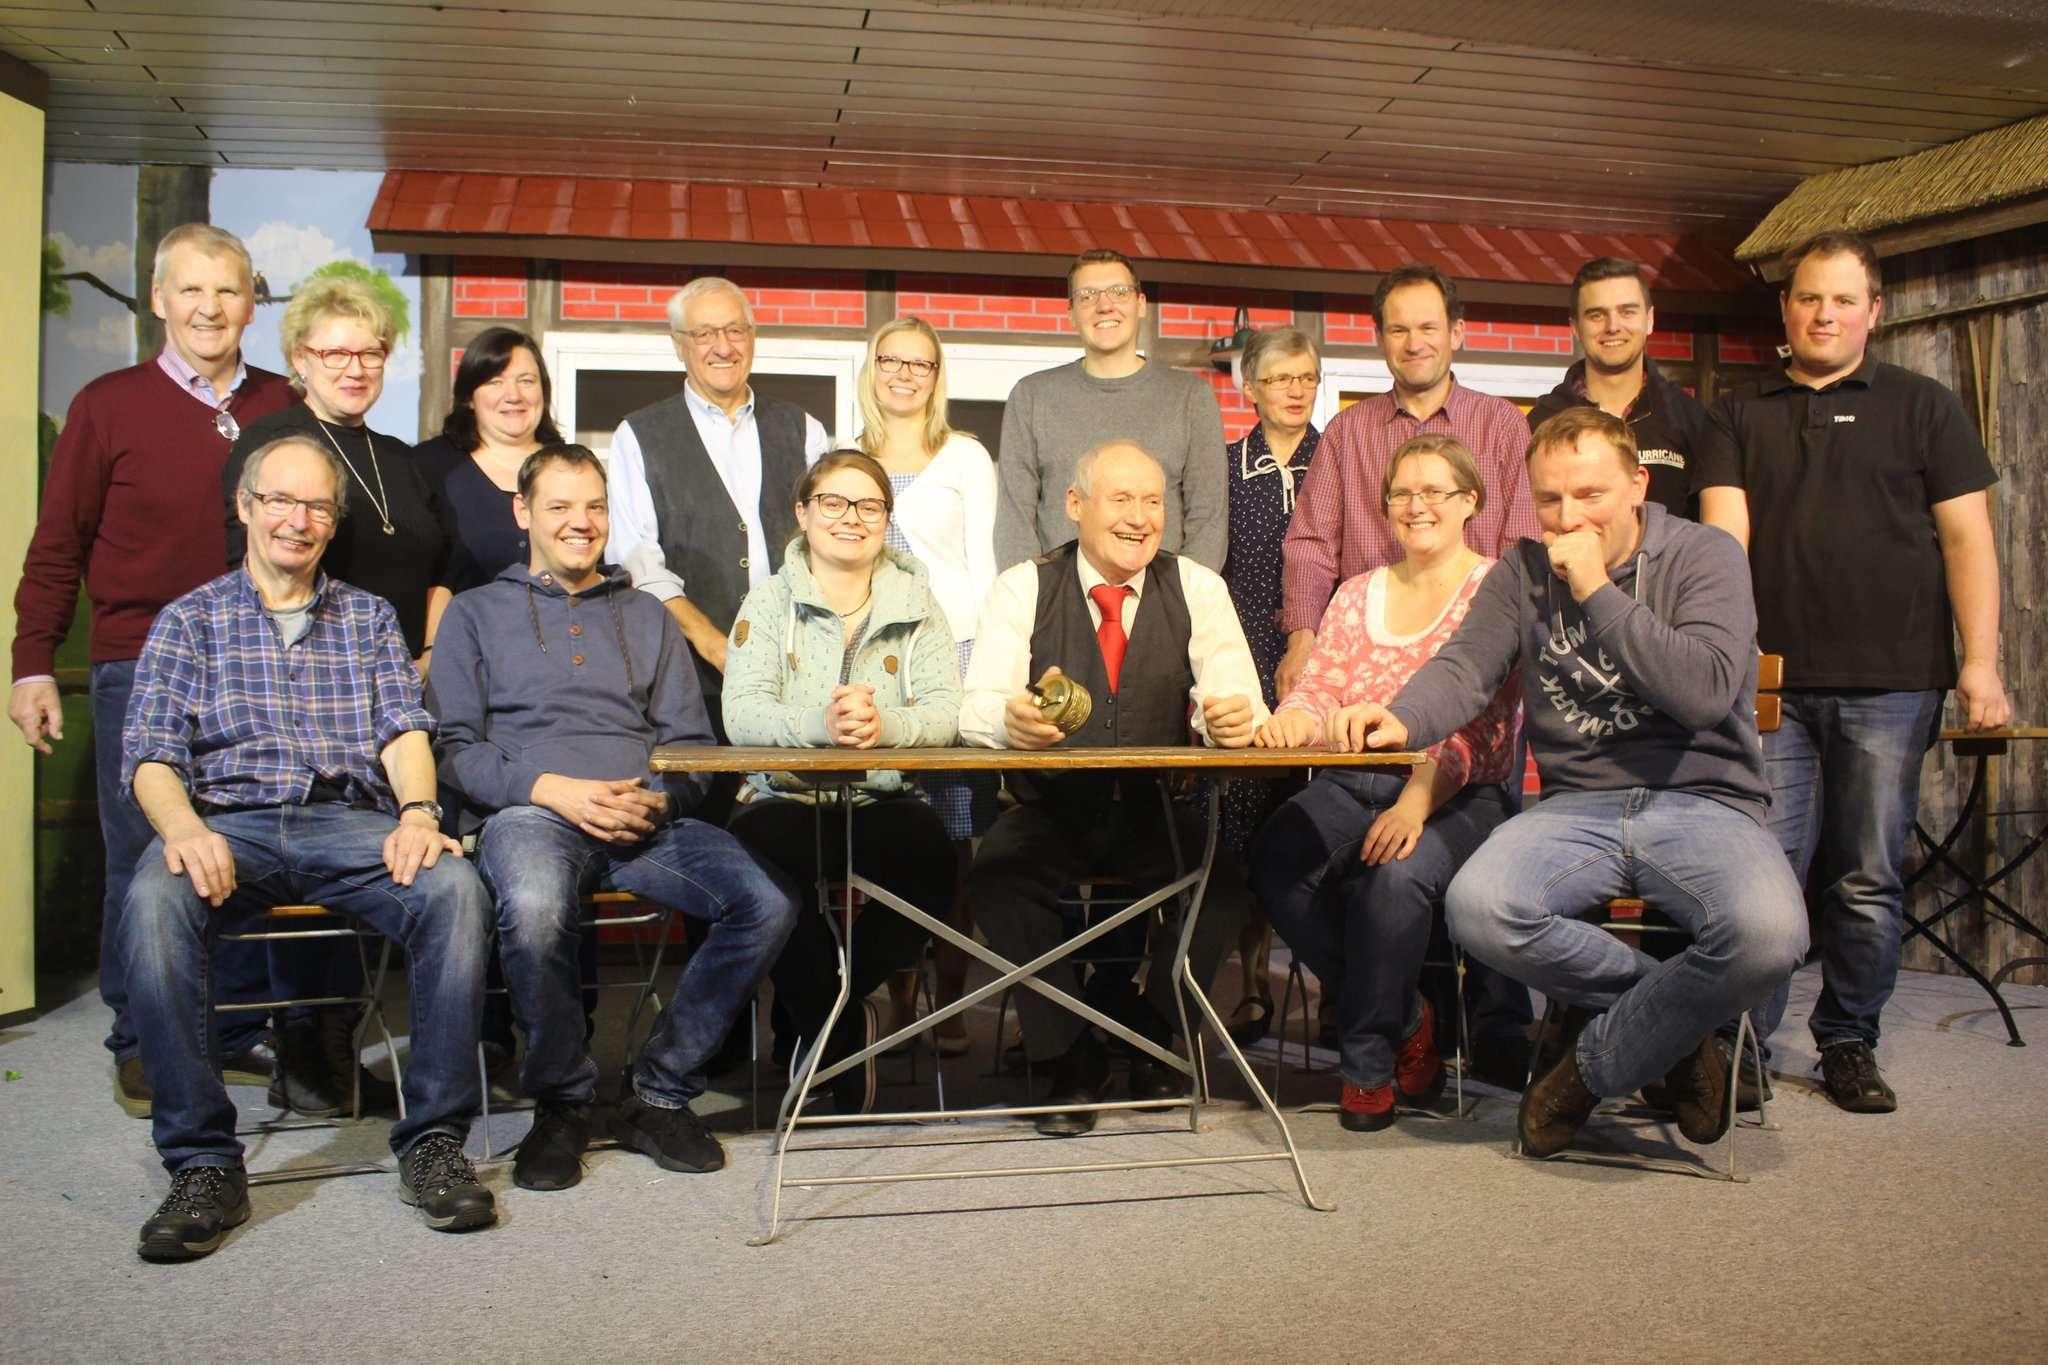 Ein eingespieltes Team: Die Laienschauspieler der Feuerwehr Hassendorf sehnen die Samstagspremiere der Komödie